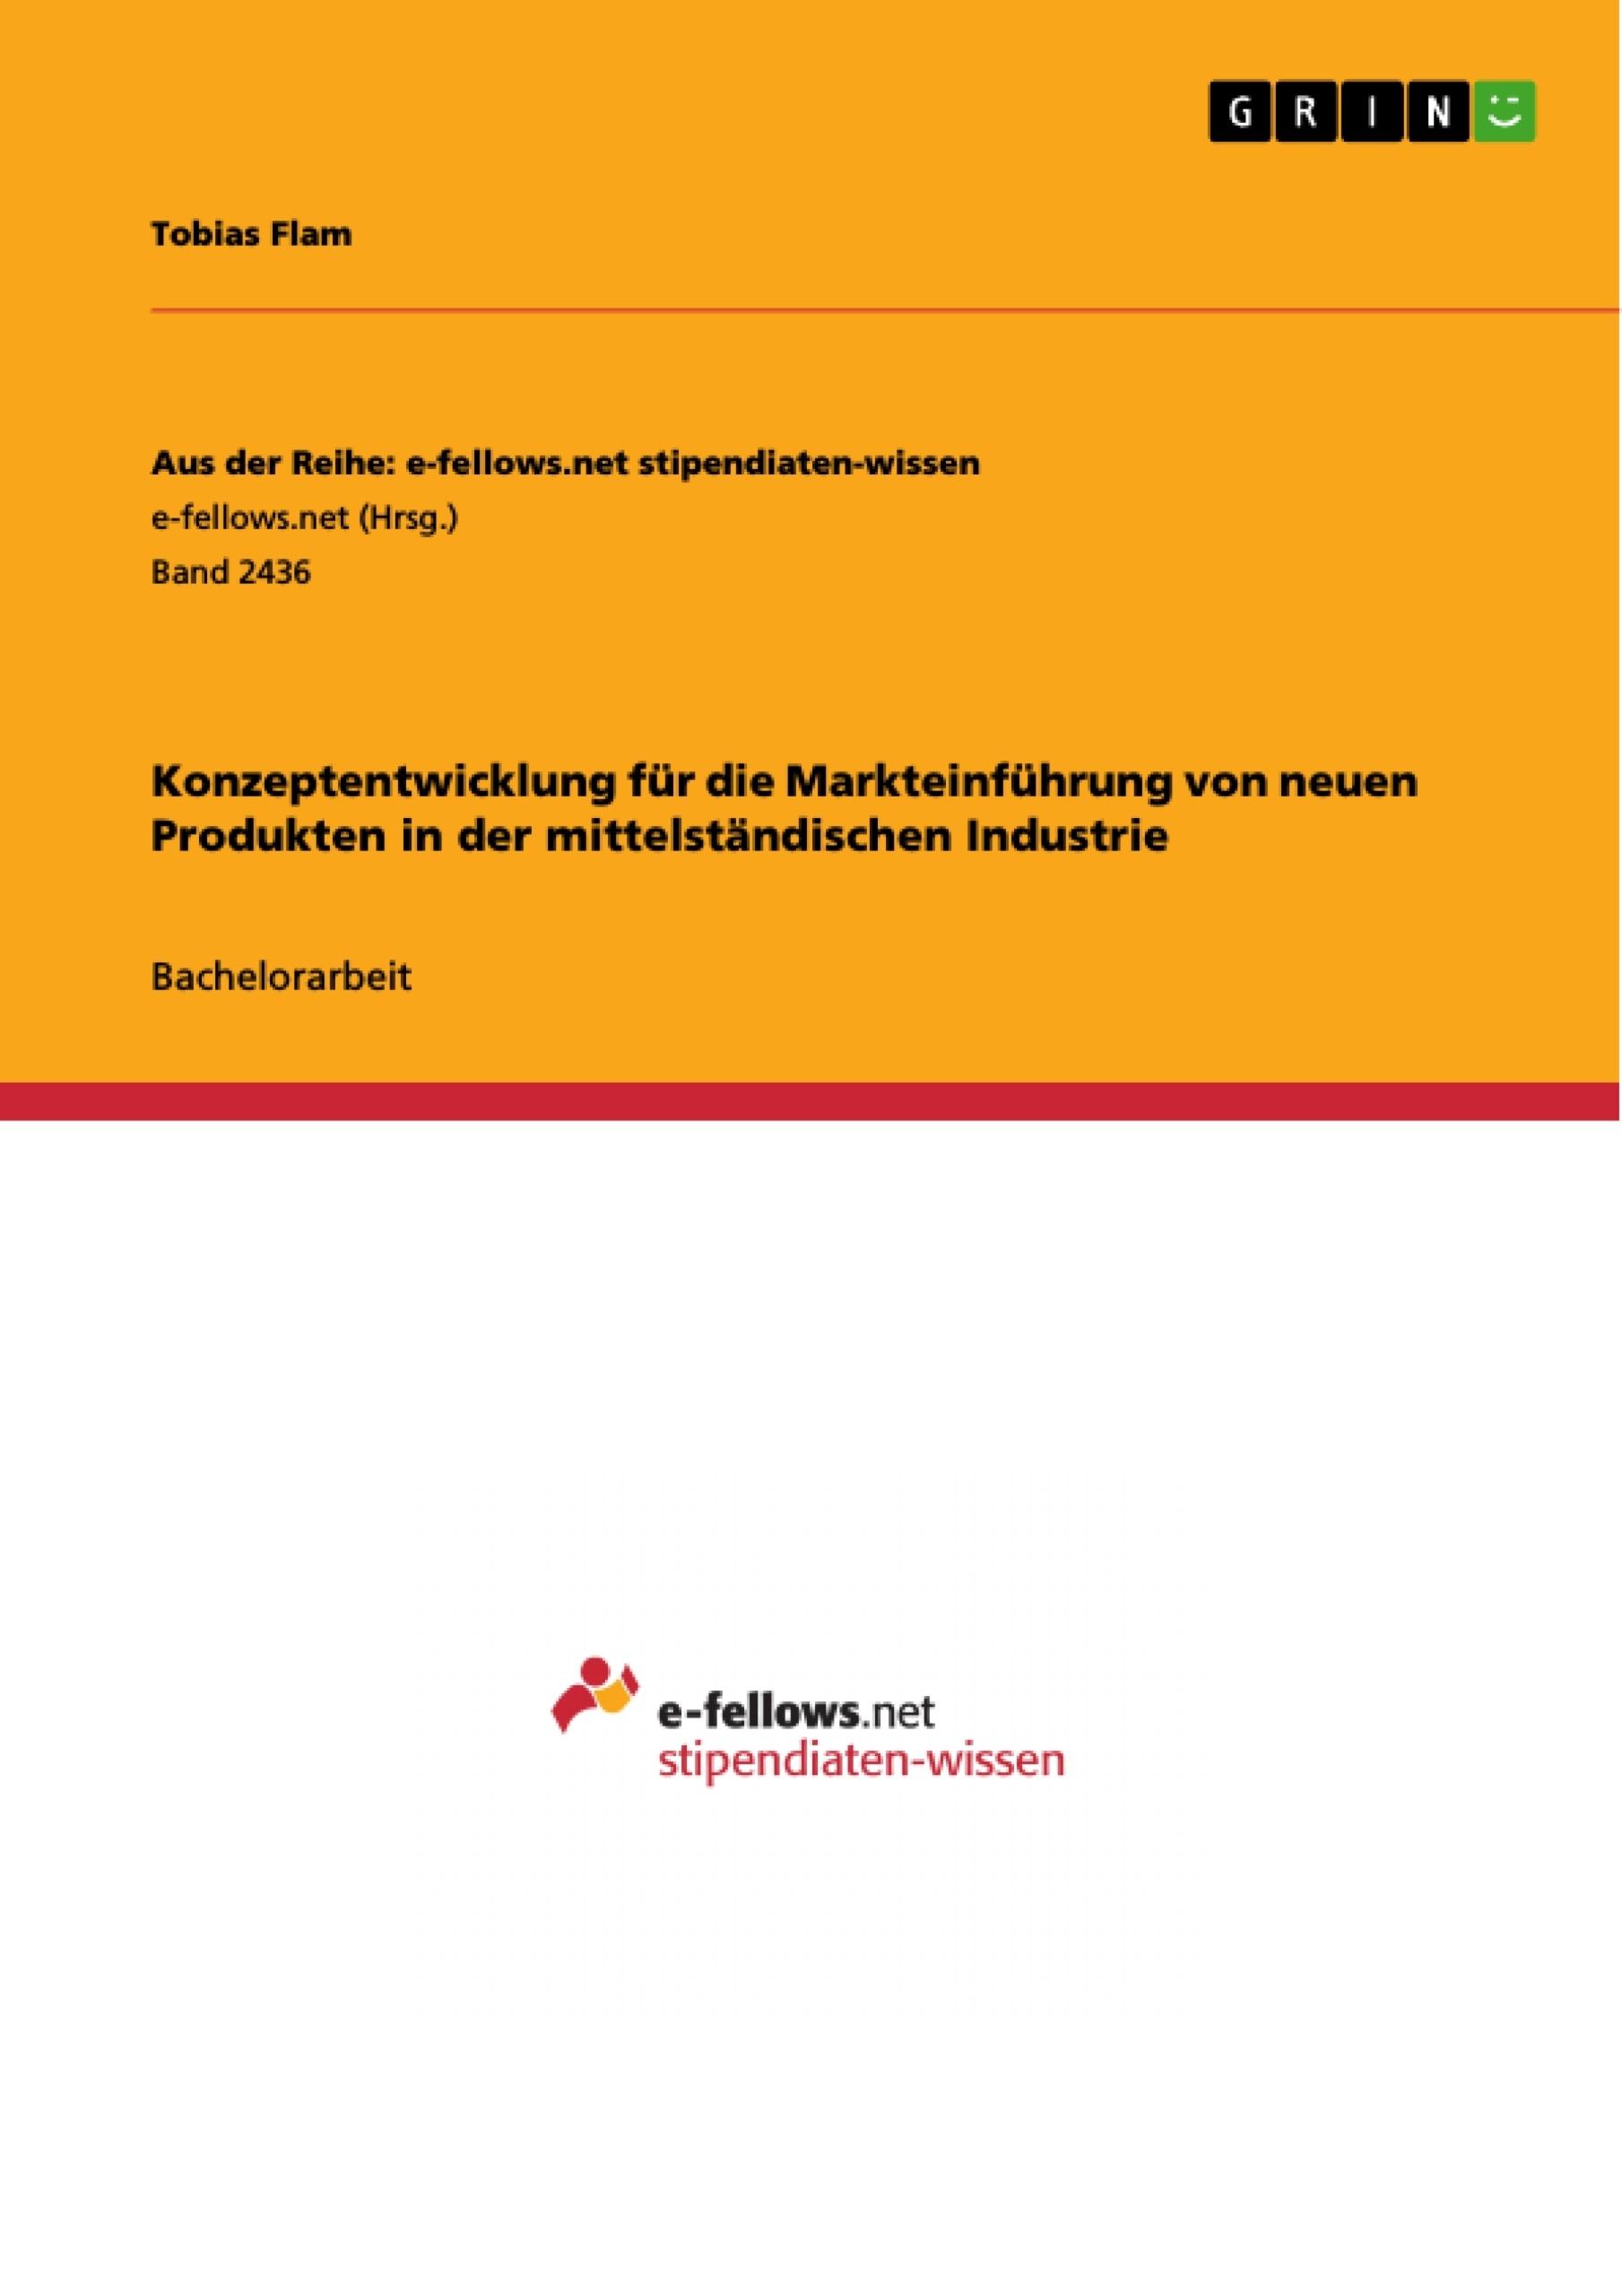 Titel: Konzeptentwicklung für die  Markteinführung von neuen Produkten in der mittelständischen Industrie